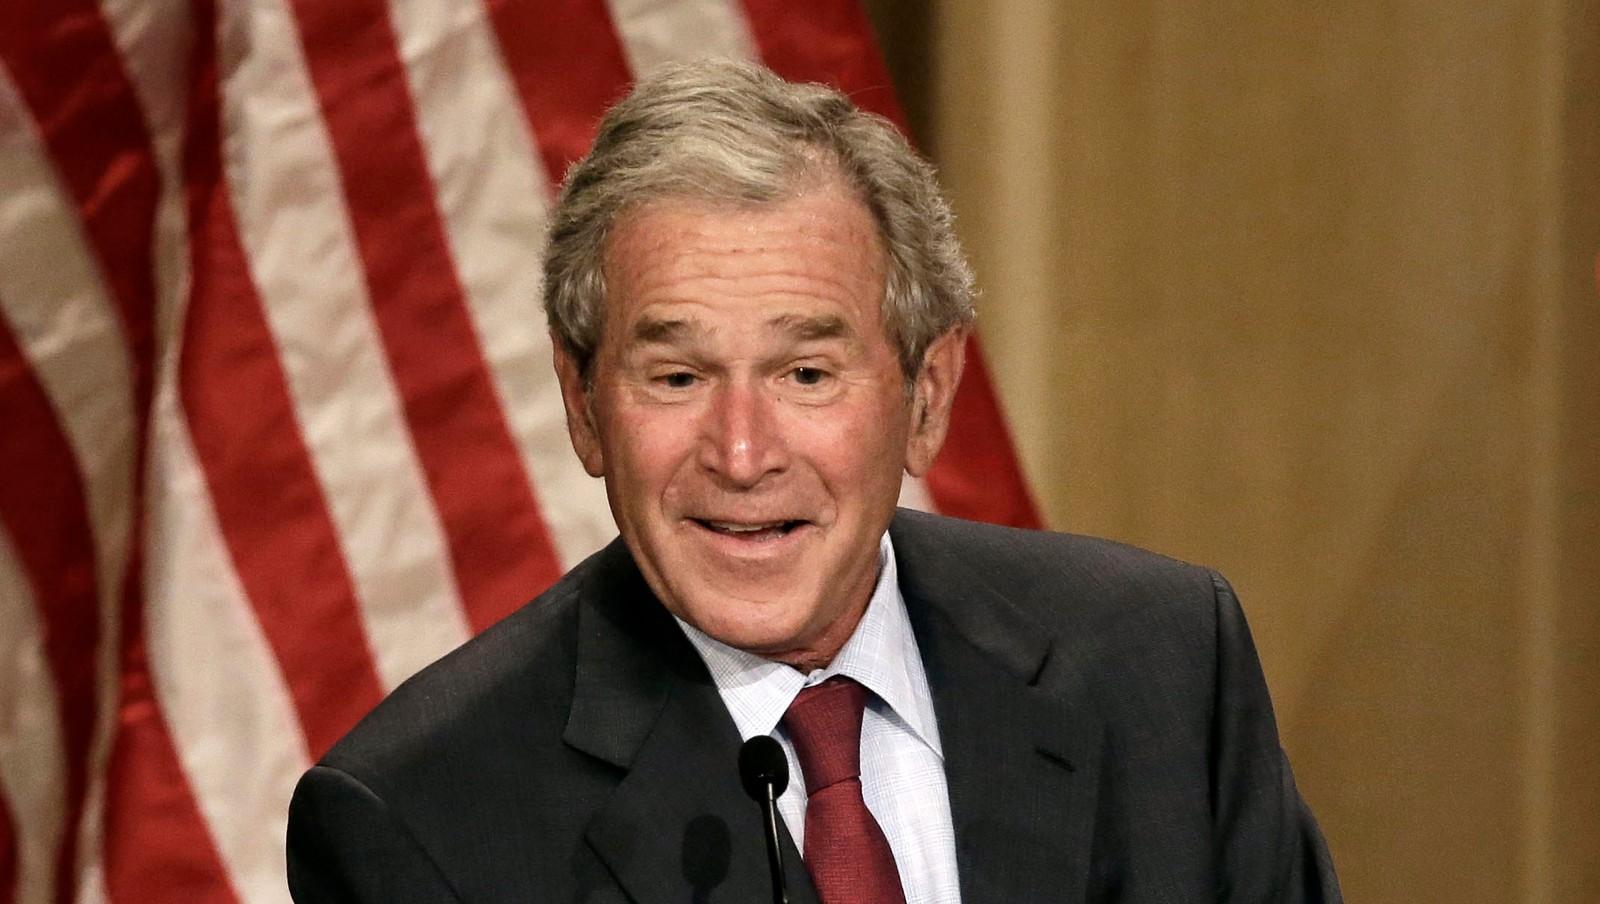 Bush werd geboren in de staat Connecticut als eerste kind van George HW Bush en zijn vrouw Barbara Bush Toen hij twee jaar oud was verhuisden ze naar de staat Texas